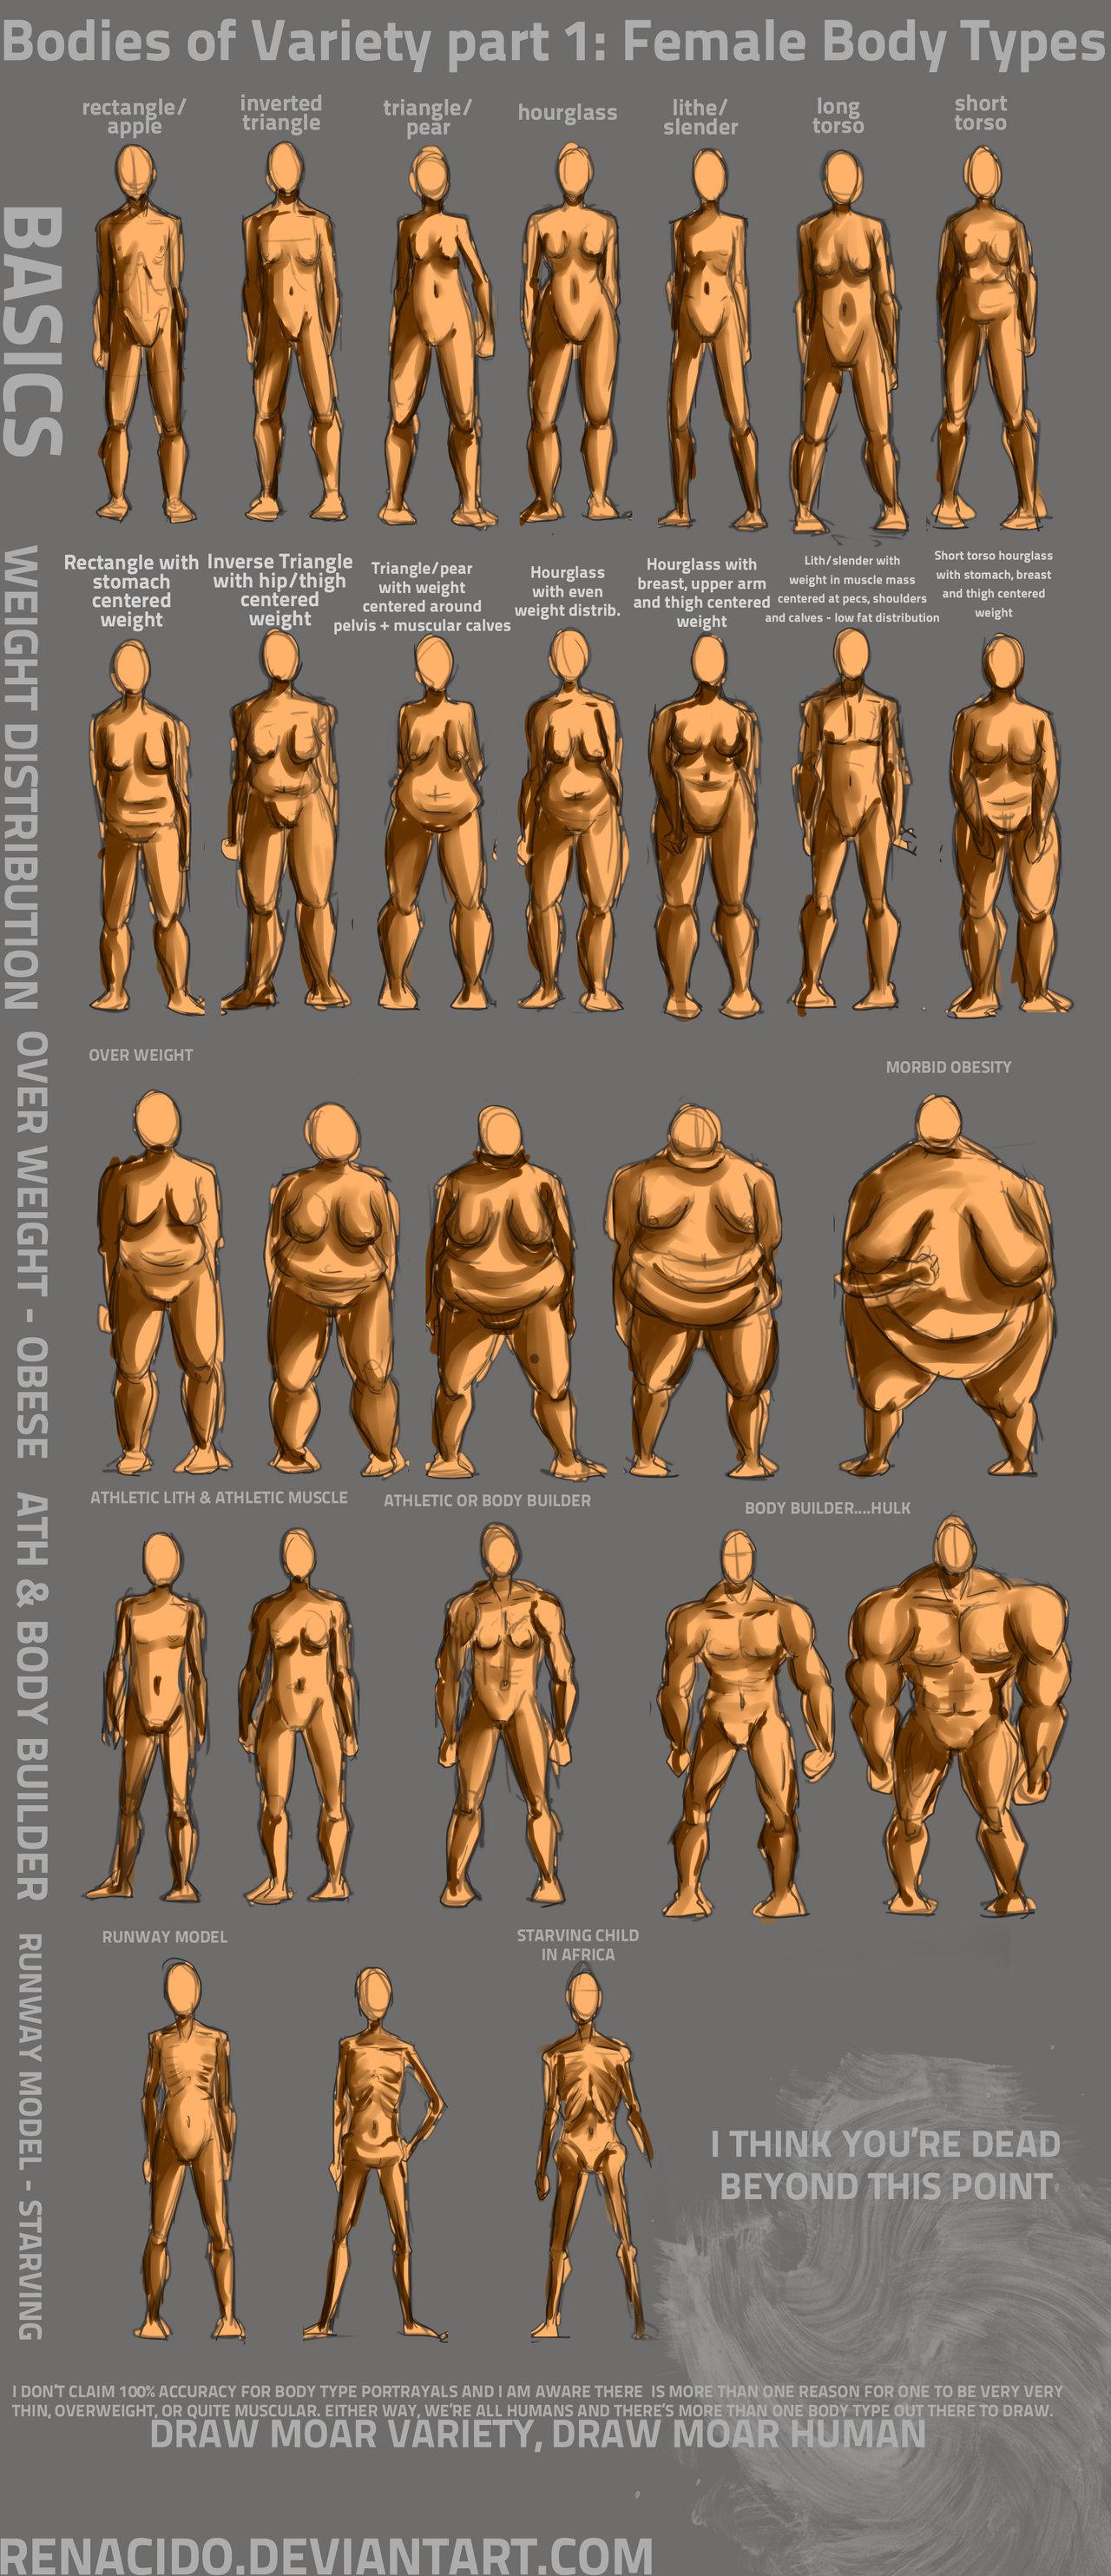 1280x2967 Bodies Of Variety Pt 1 Female Body Types By Spelledeg